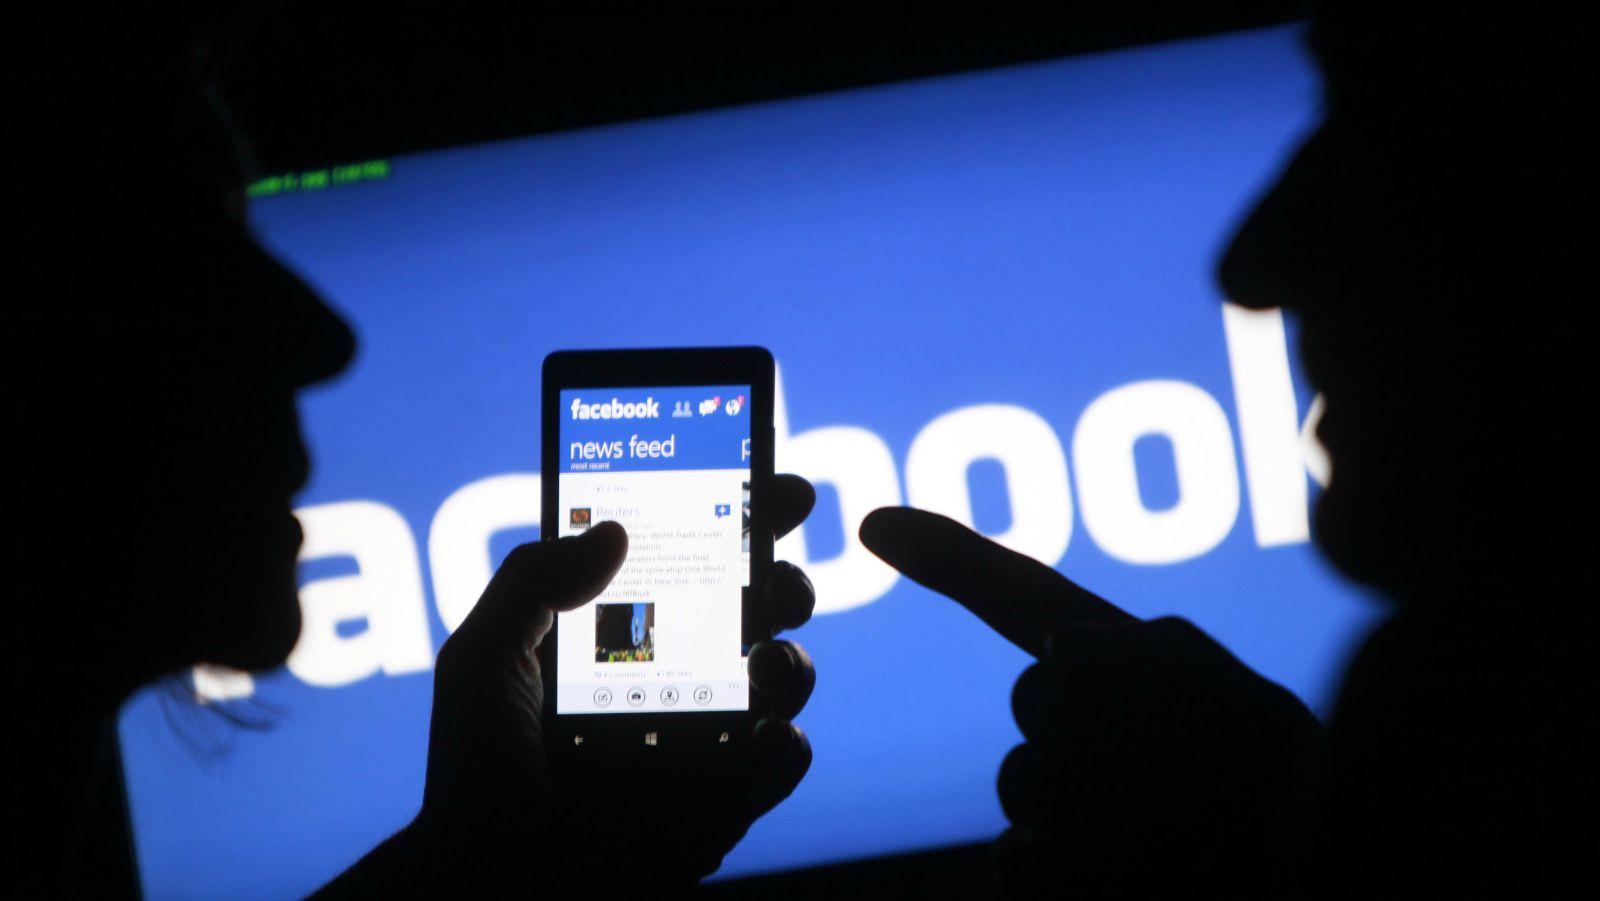 Conoce a hombre por Facebook, le roba y la mata en Cholula